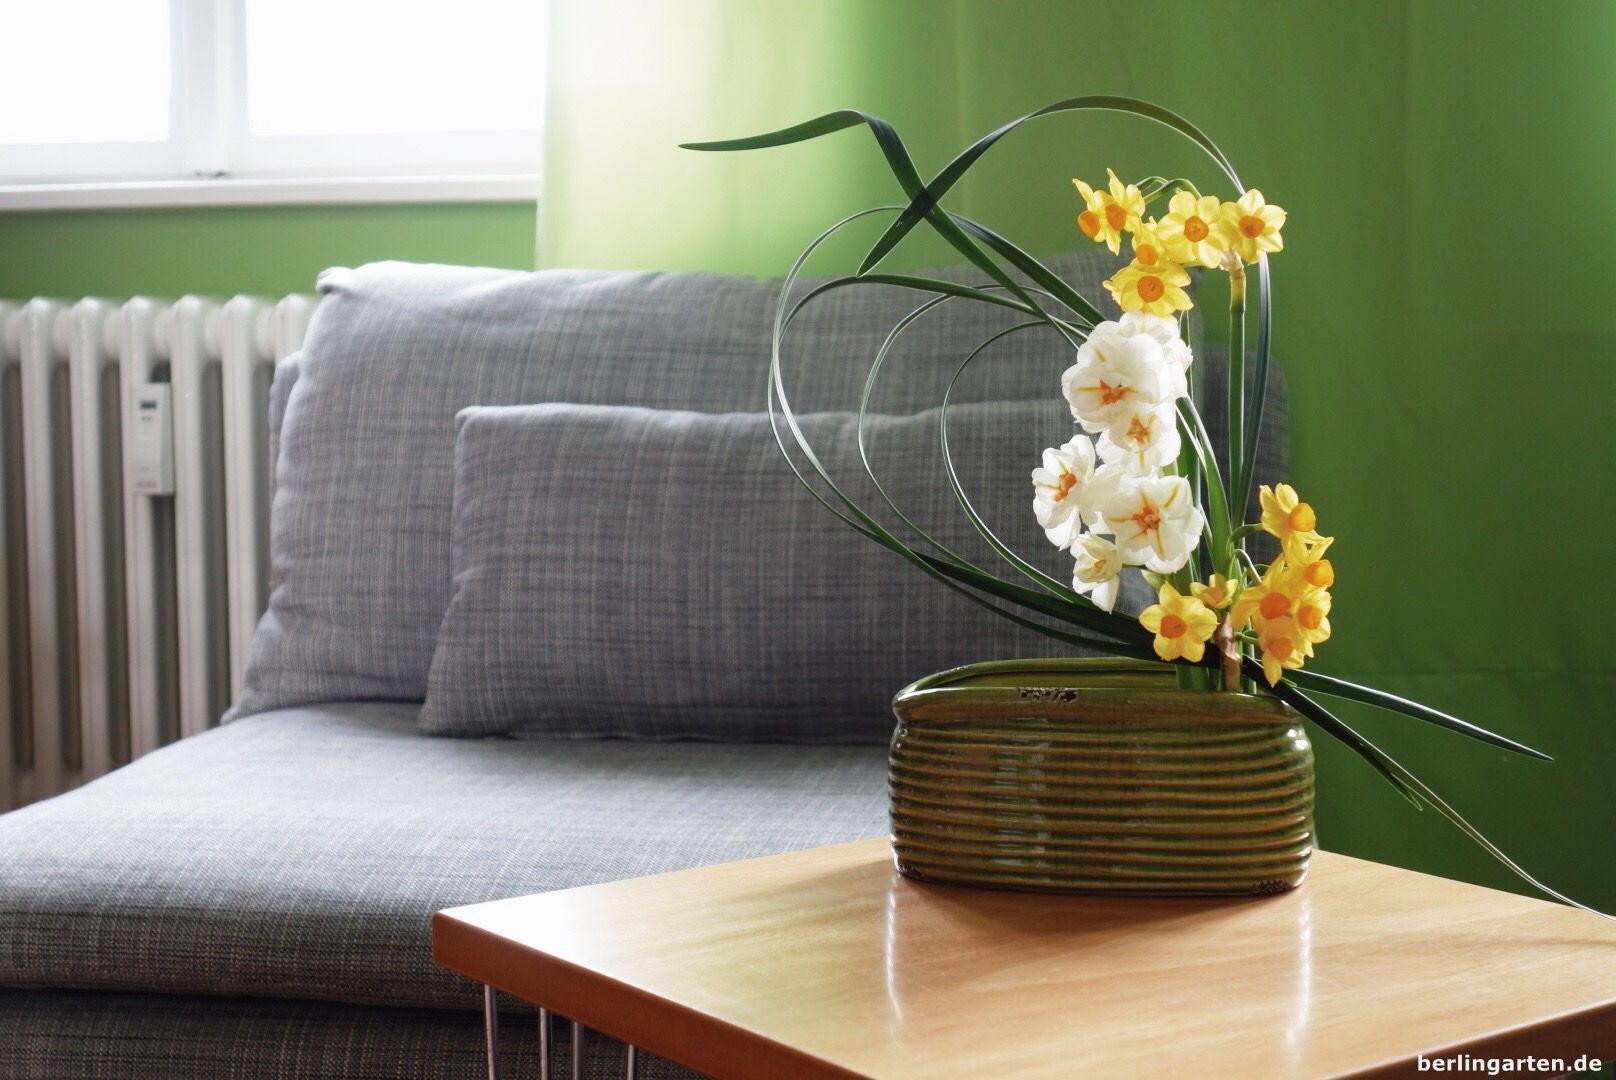 Narzissen als Ikebana gesteckt in Hagumi-Technik